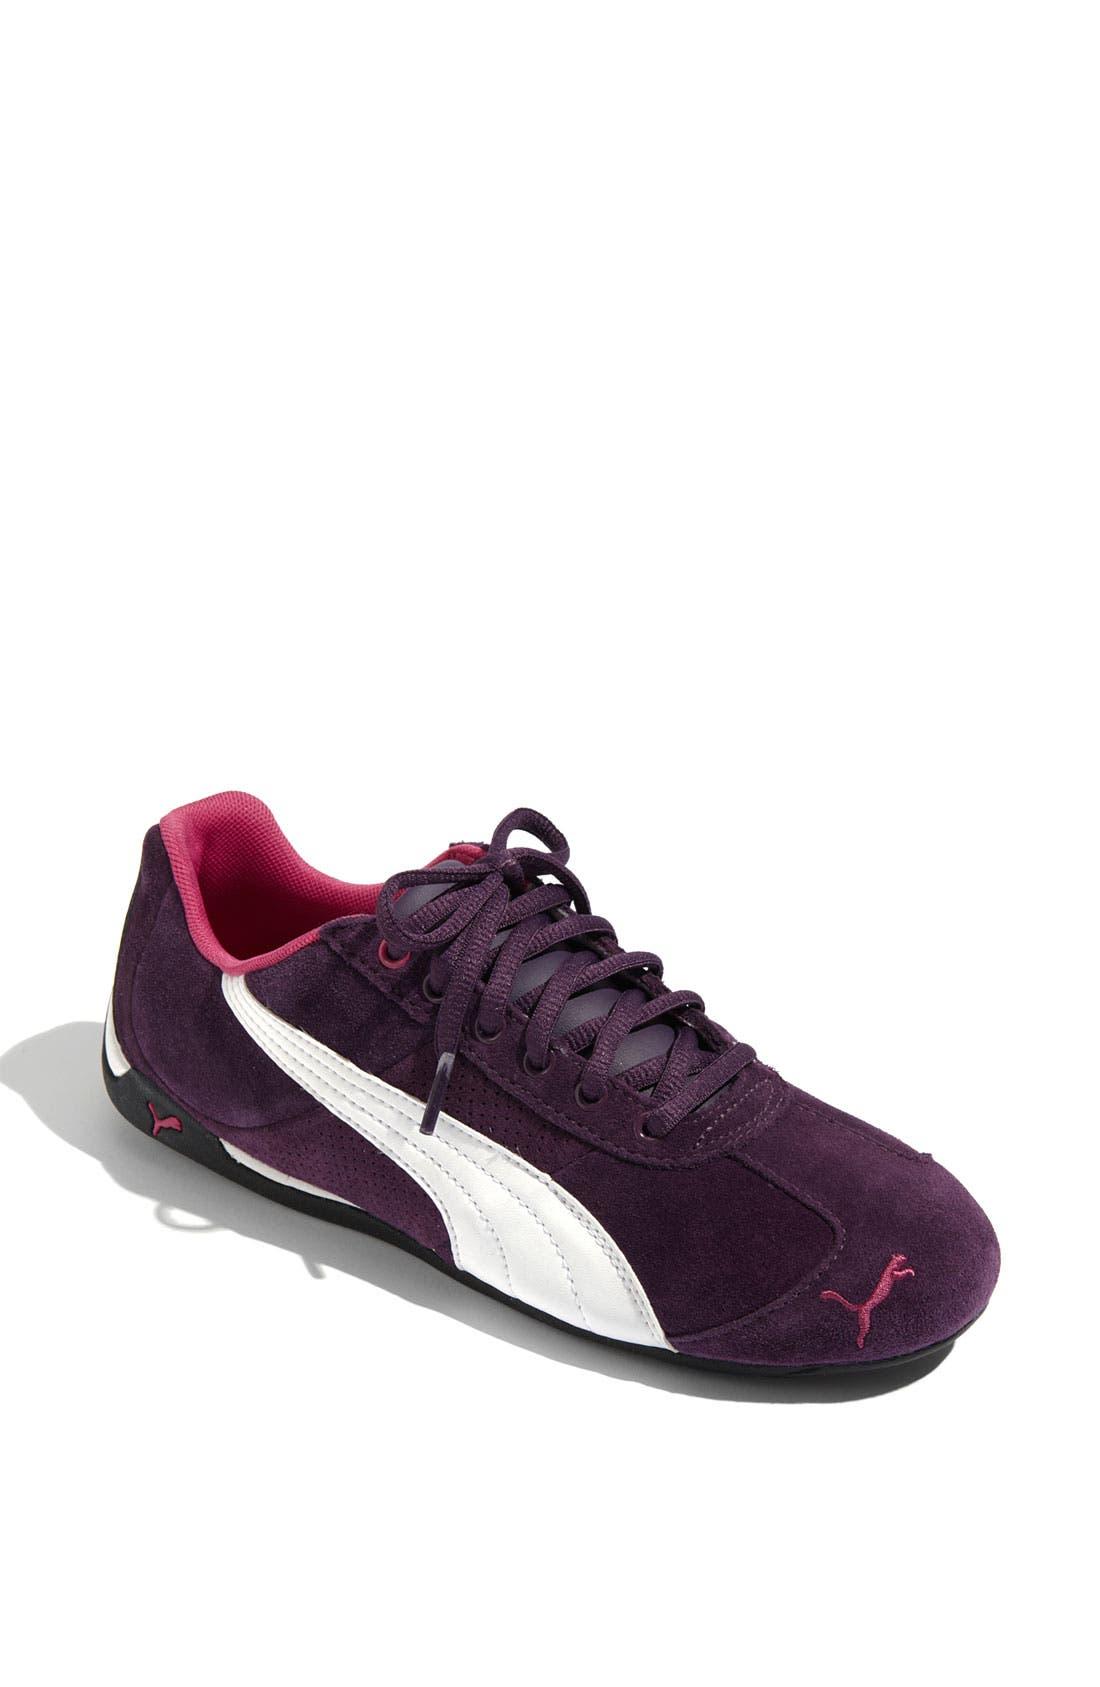 Alternate Image 1 Selected - PUMA 'Repli Cat III' Sneaker (Women)